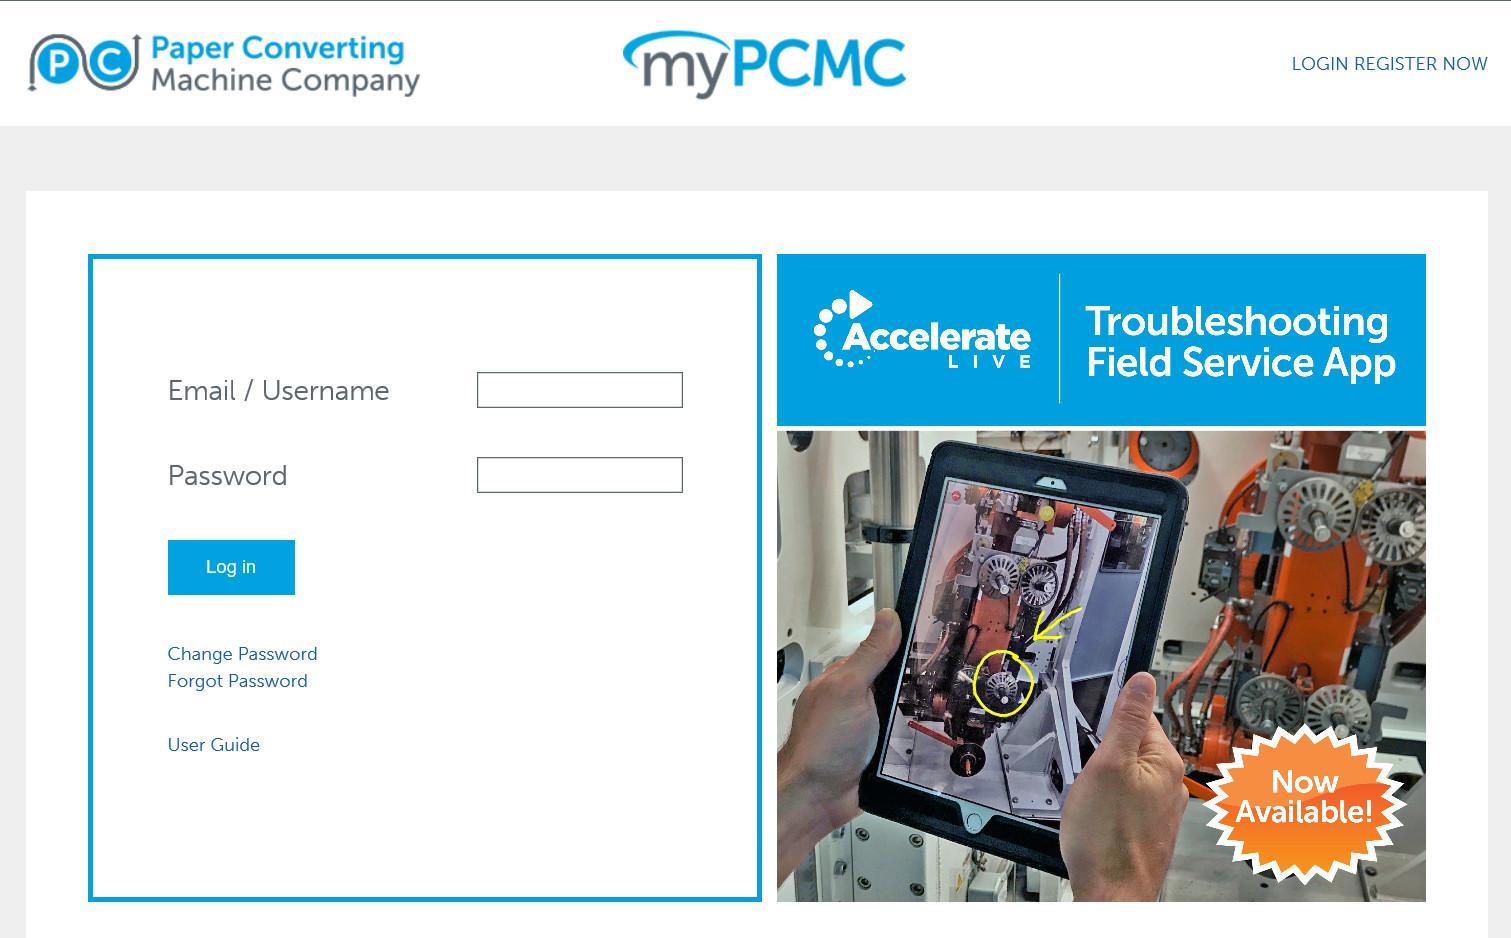 myPCMC screenshot